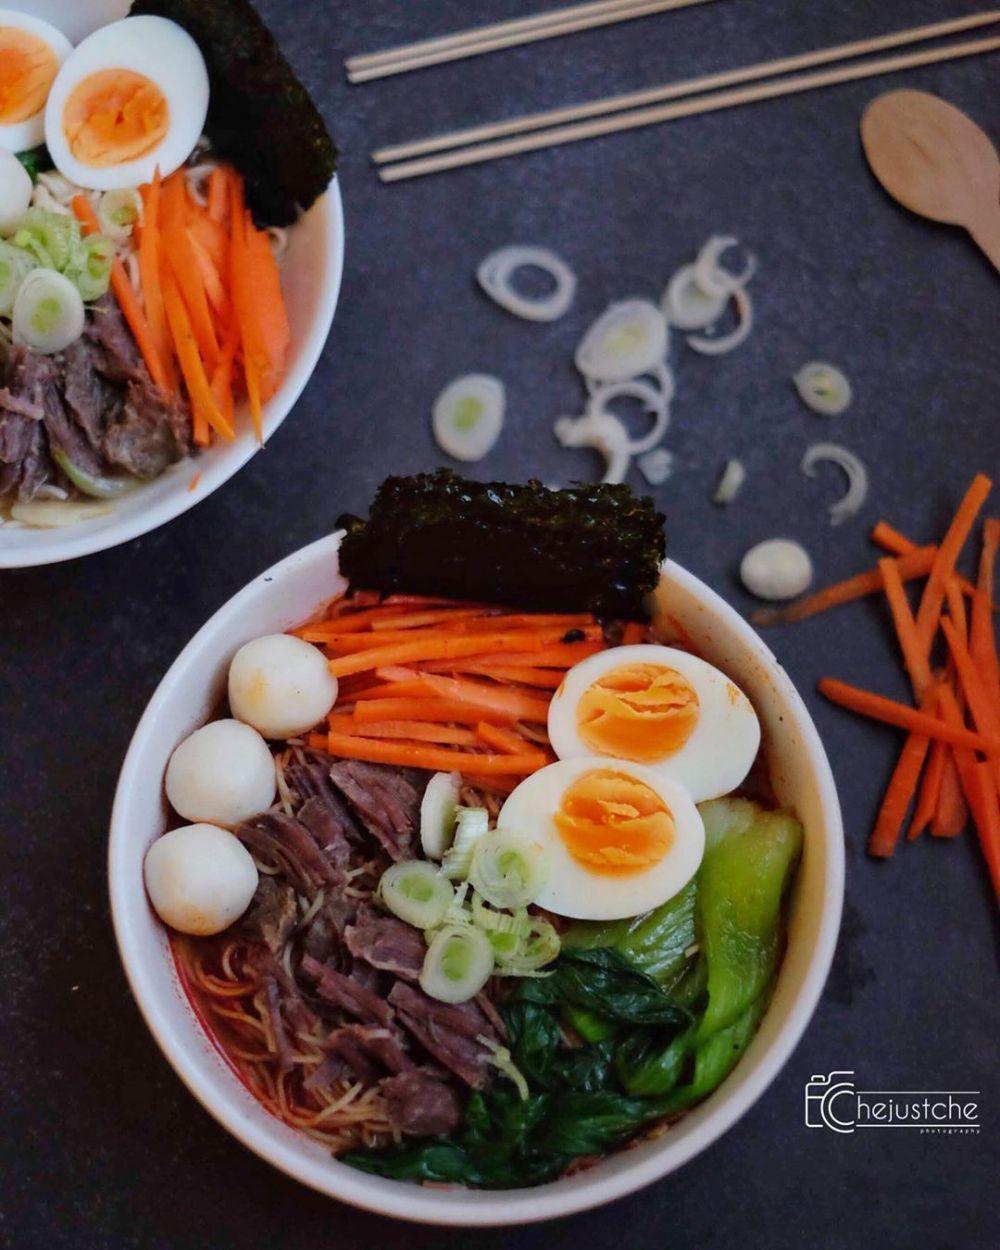 Masakan Internasional Jepang Instagram Di 2020 Resep Makanan Makanan Resep Masakan Jepang